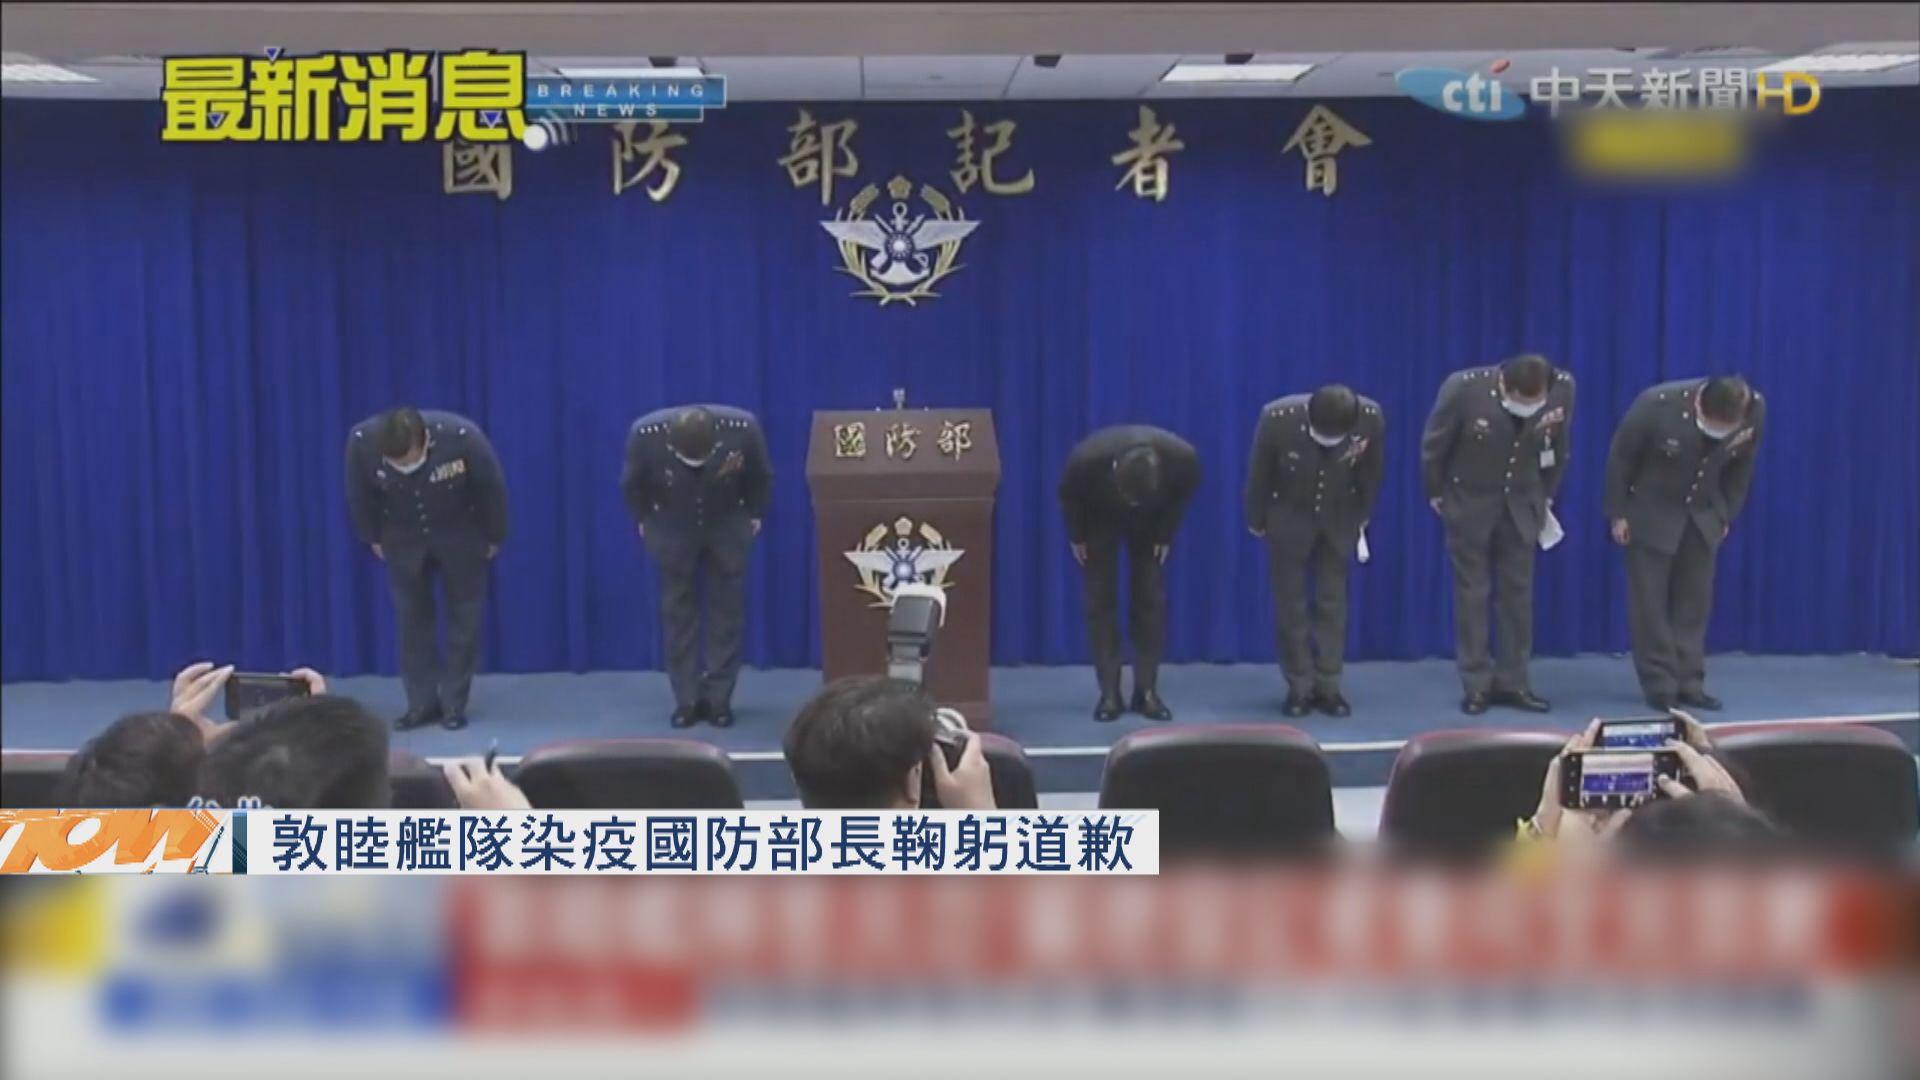 台灣敦睦艦隊染疫 國防部長鞠躬道歉